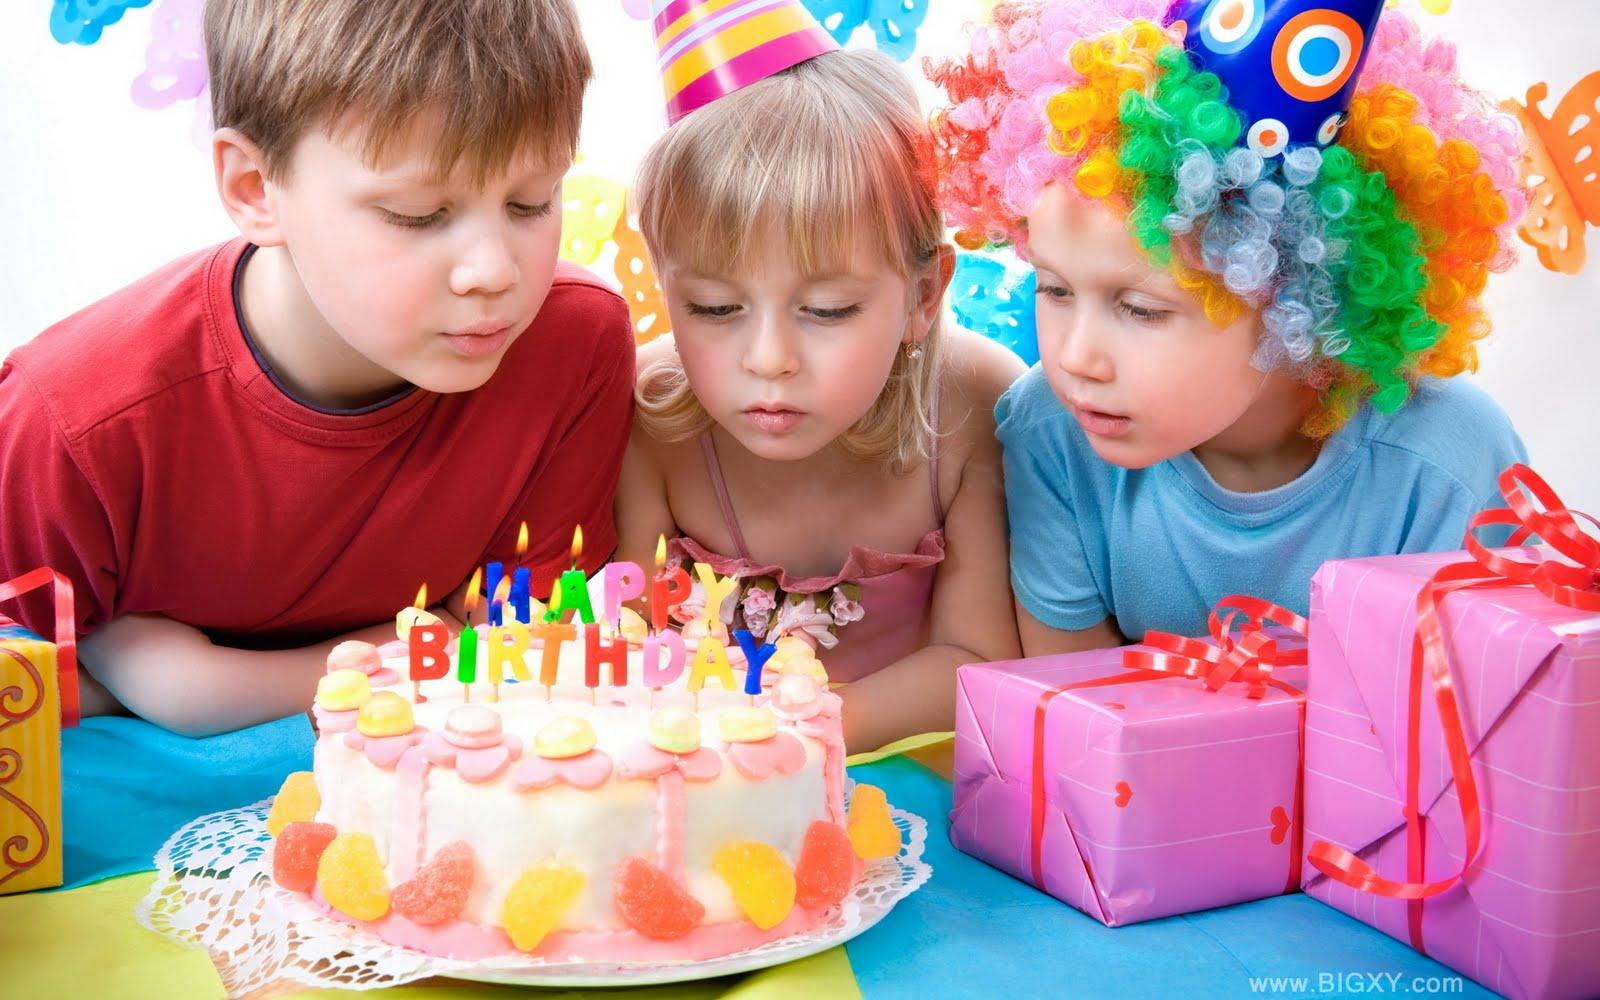 Ideas para hacer un cumpleaños divertido y económico para un niño